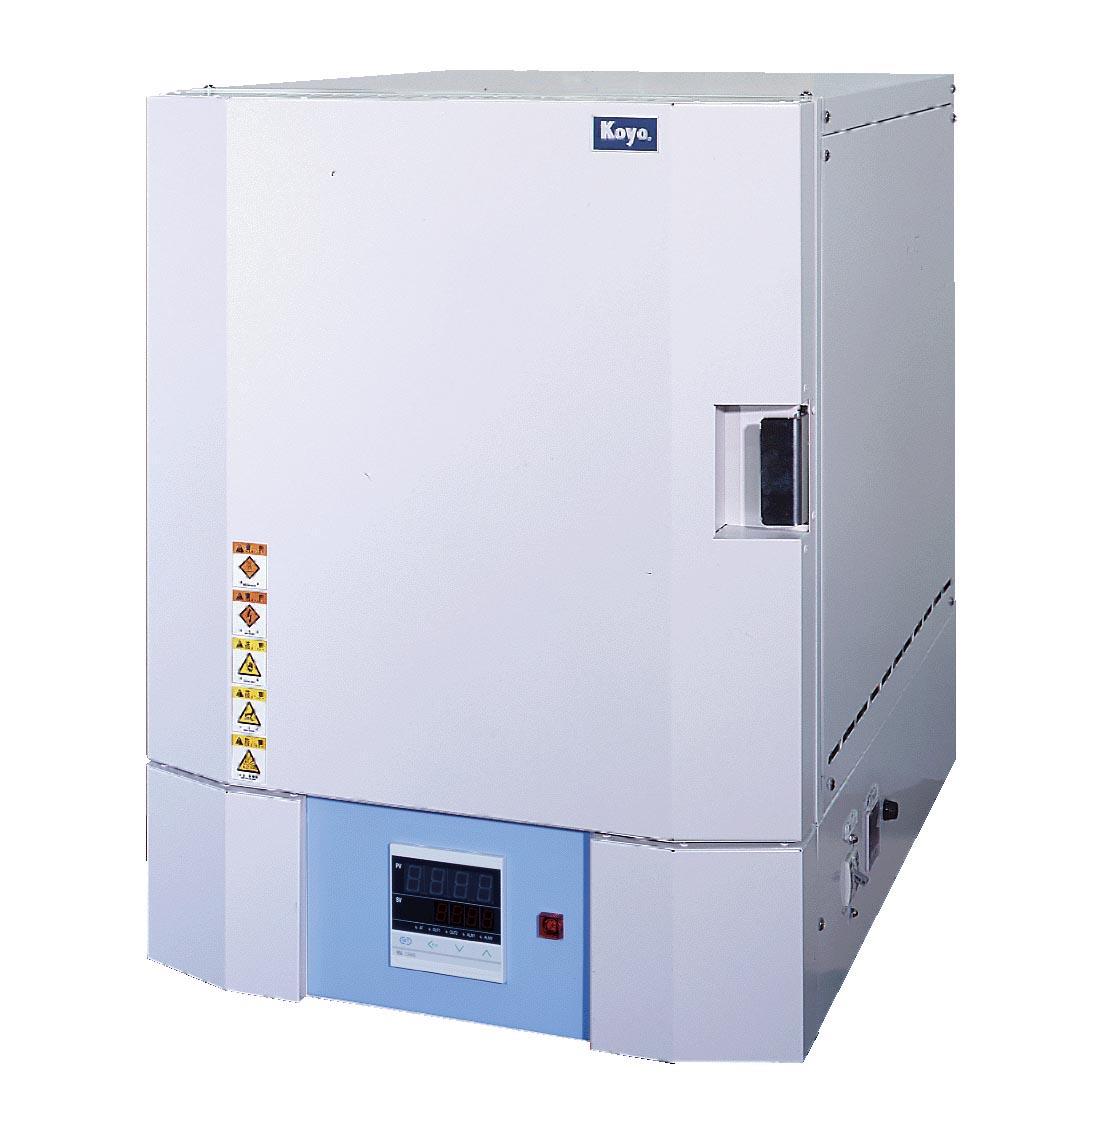 光洋サーモシステム 小型ボックス炉 KBF728N1